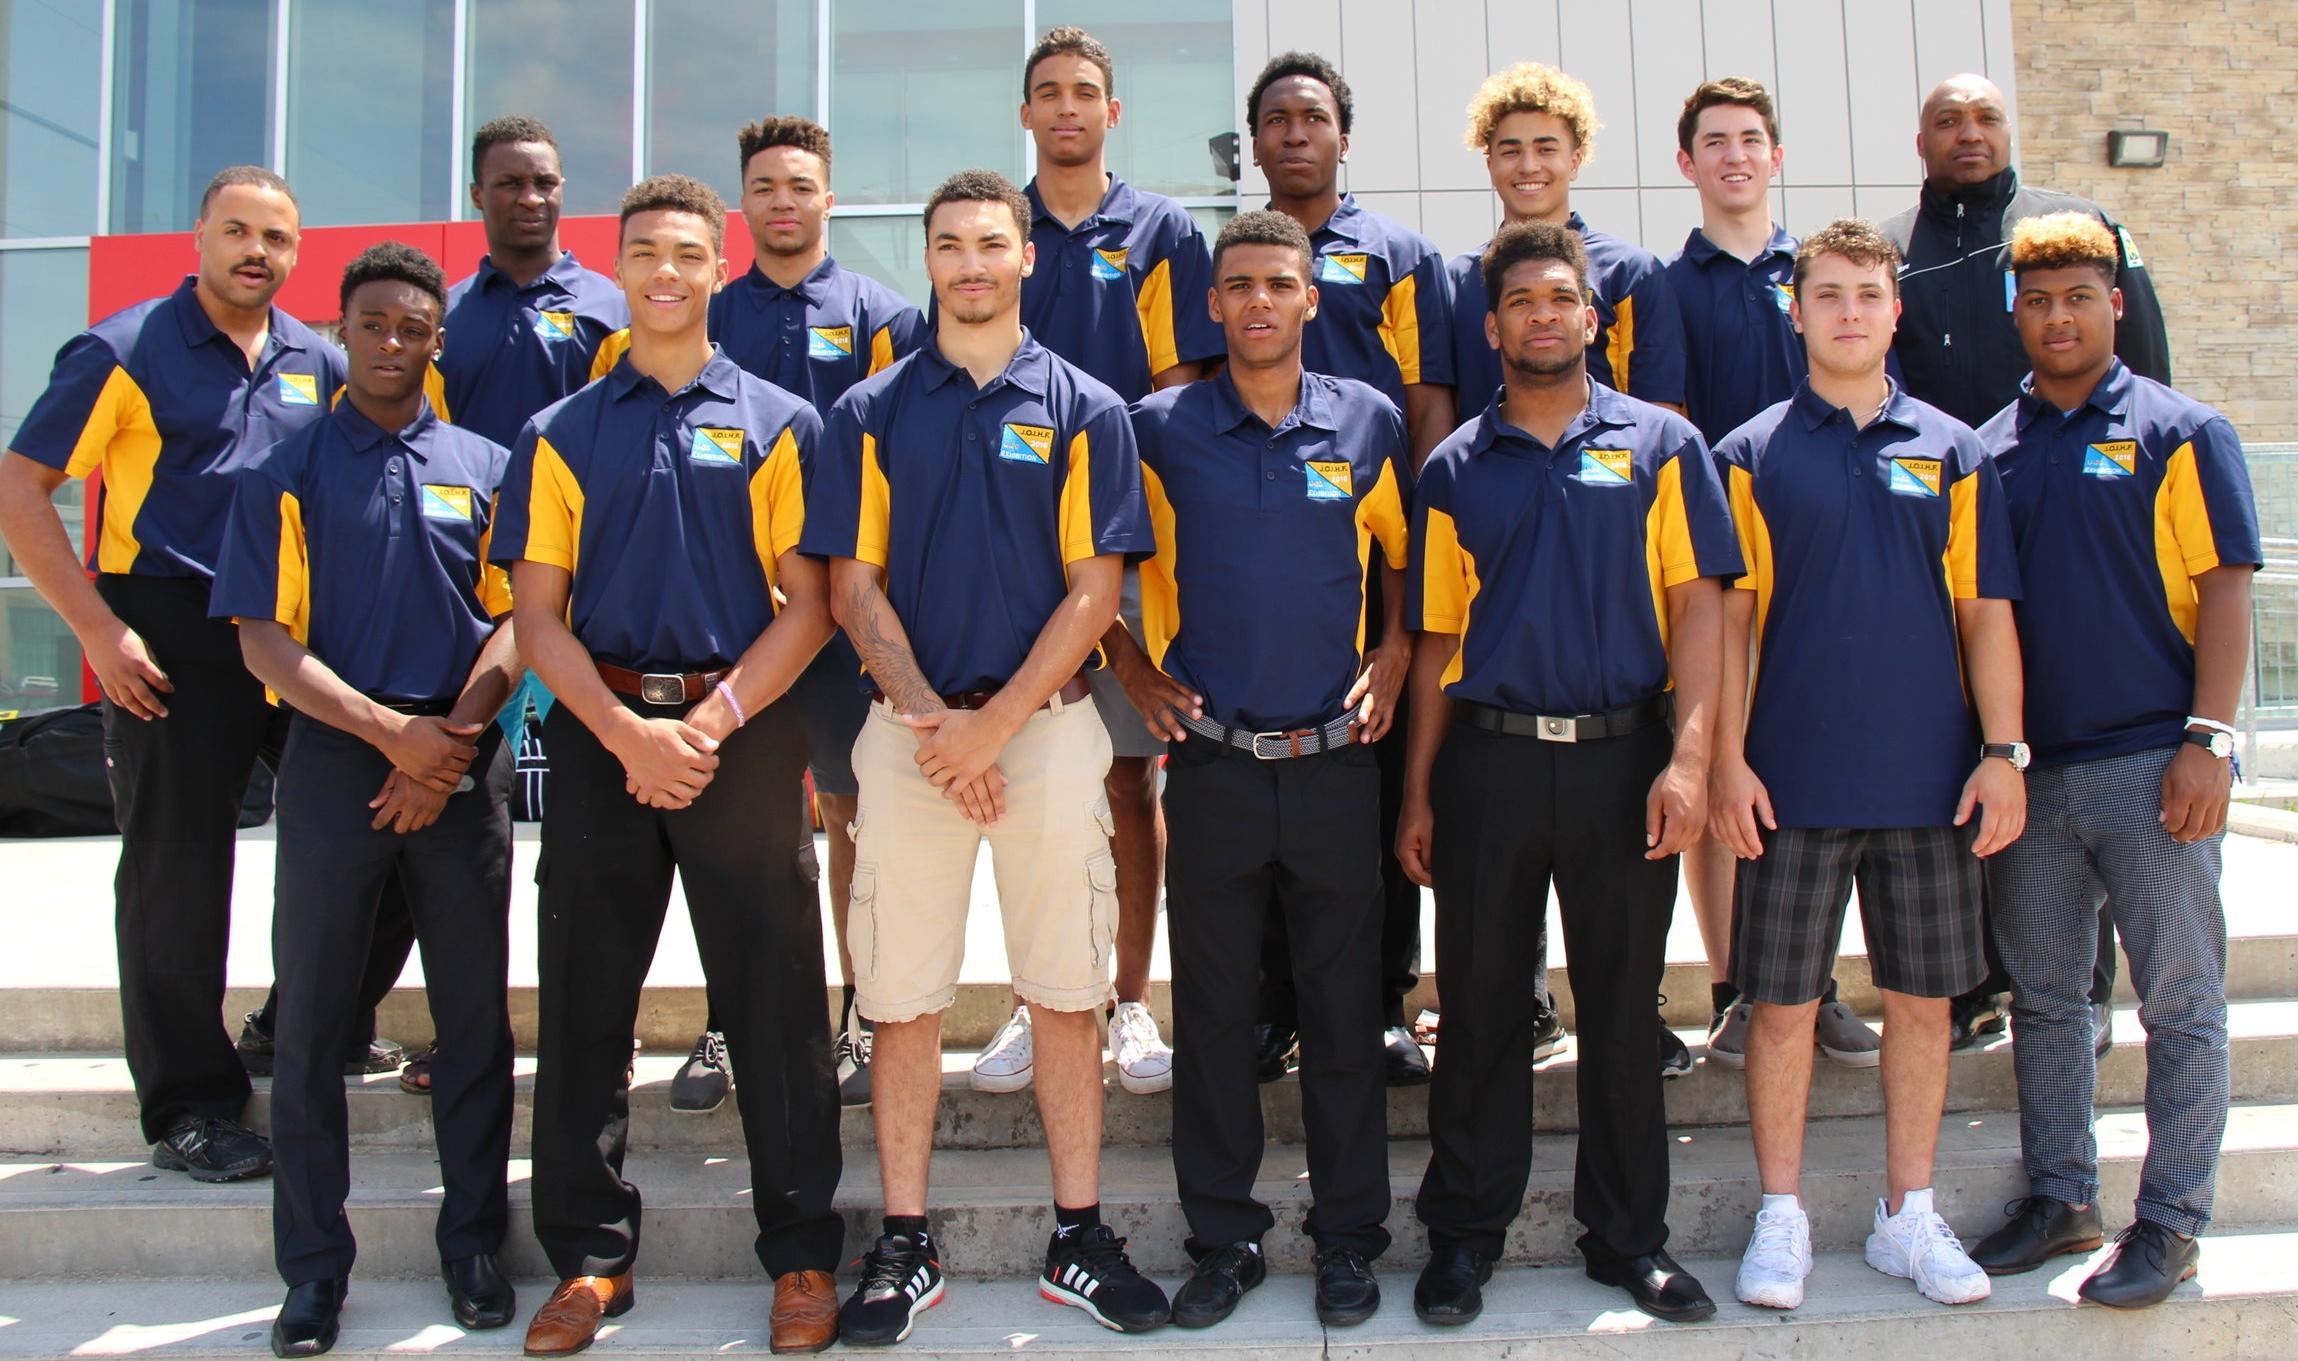 2016 Exh Team w Coaches.JPG